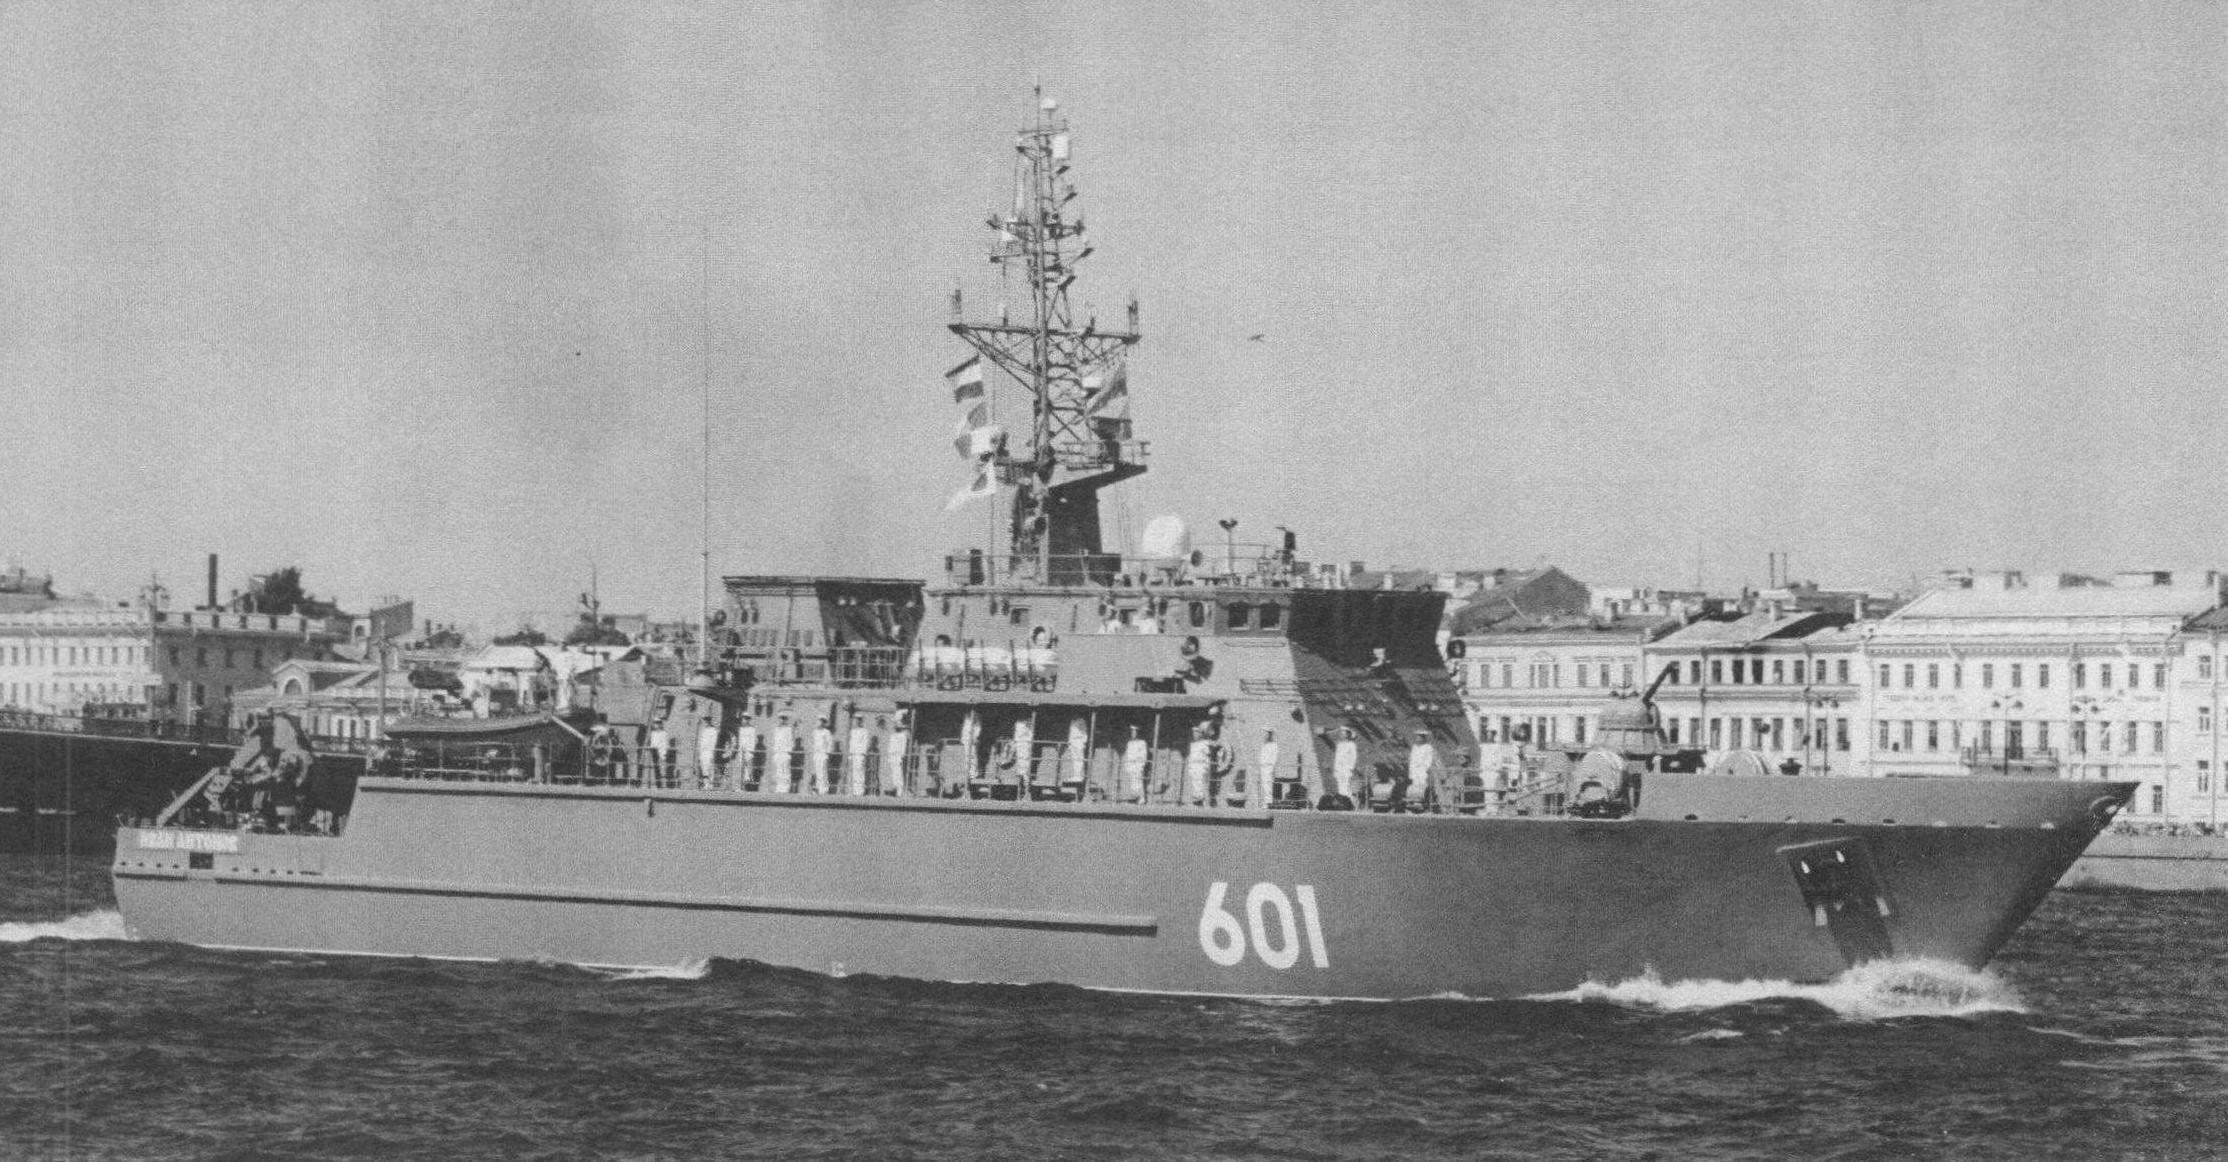 Тральщик «Иван Антонов» проекта 12700 - наиболее совершенный отечественный противоминный корабль